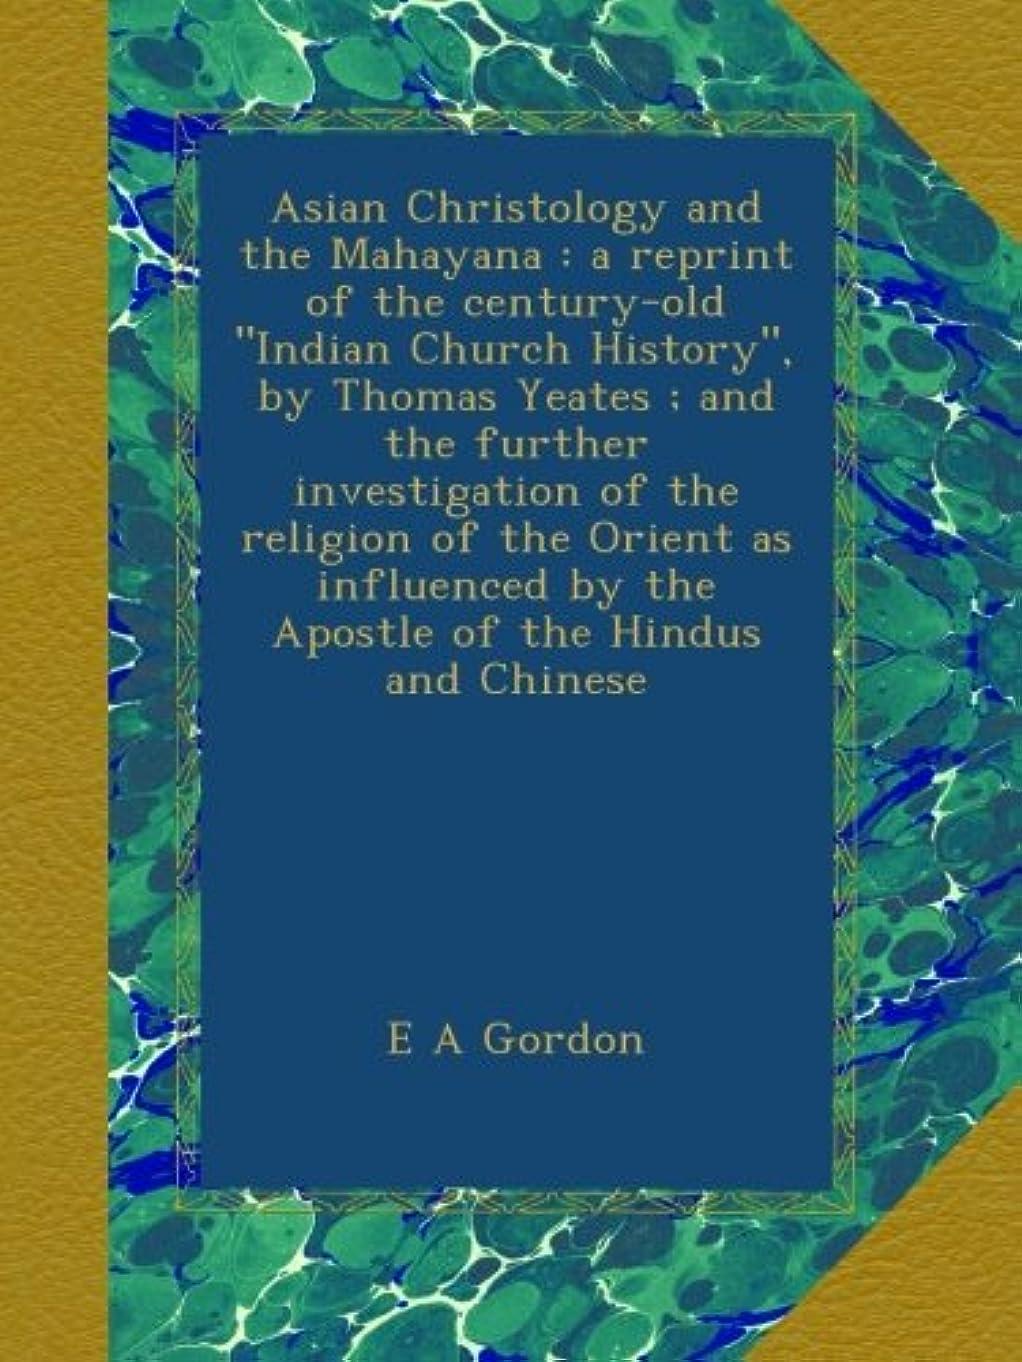 ラメ判読できない佐賀Asian Christology and the Mahayana : a reprint of the century-old